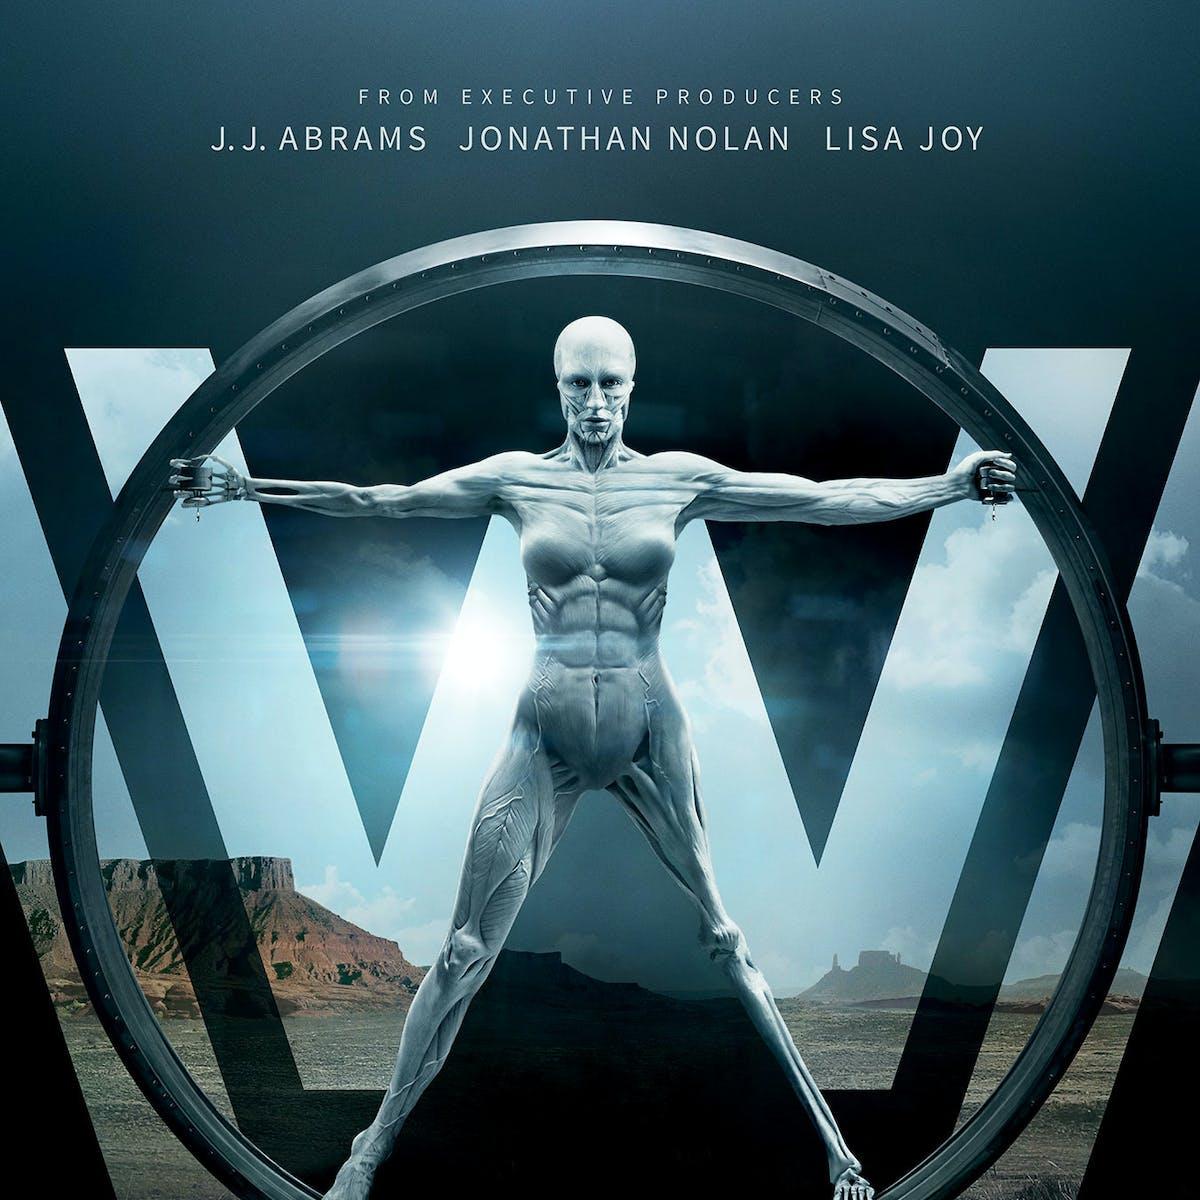 'Westworld' Season 3 cast spoilers: A presumed-dead host will return